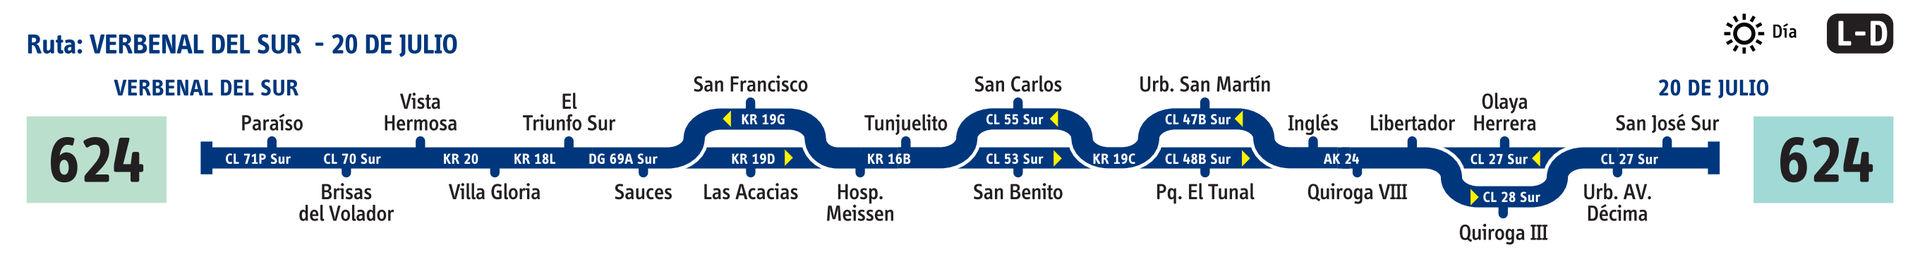 Ruta SITP: 624 Verbenal del Sur ↔ 20 de Julio [Urbana] 2